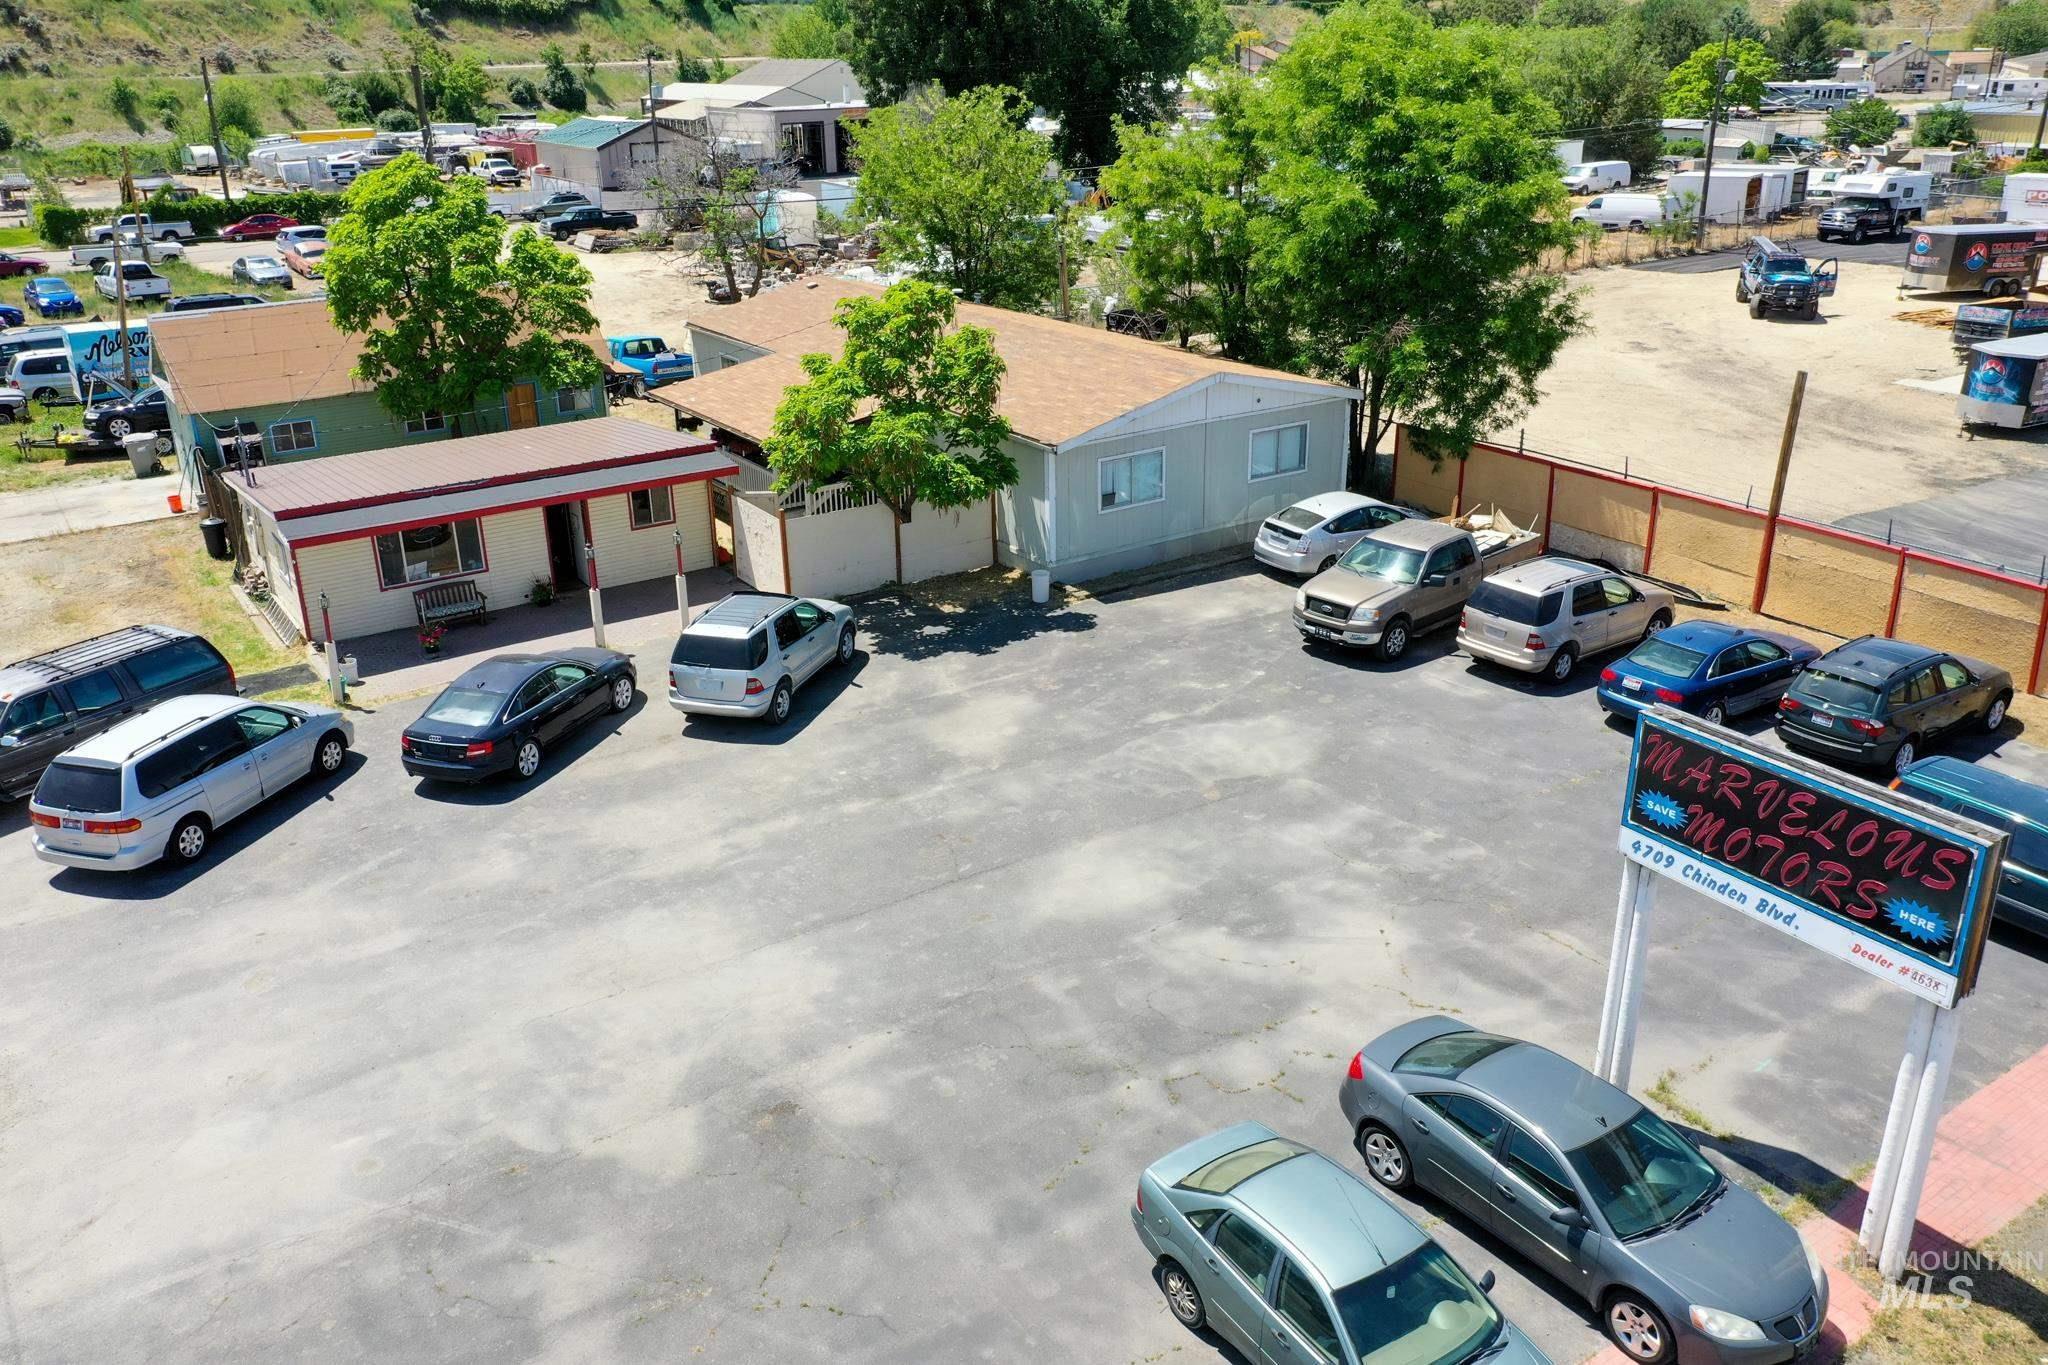 4709 W. Chinden Blvd Property Photo